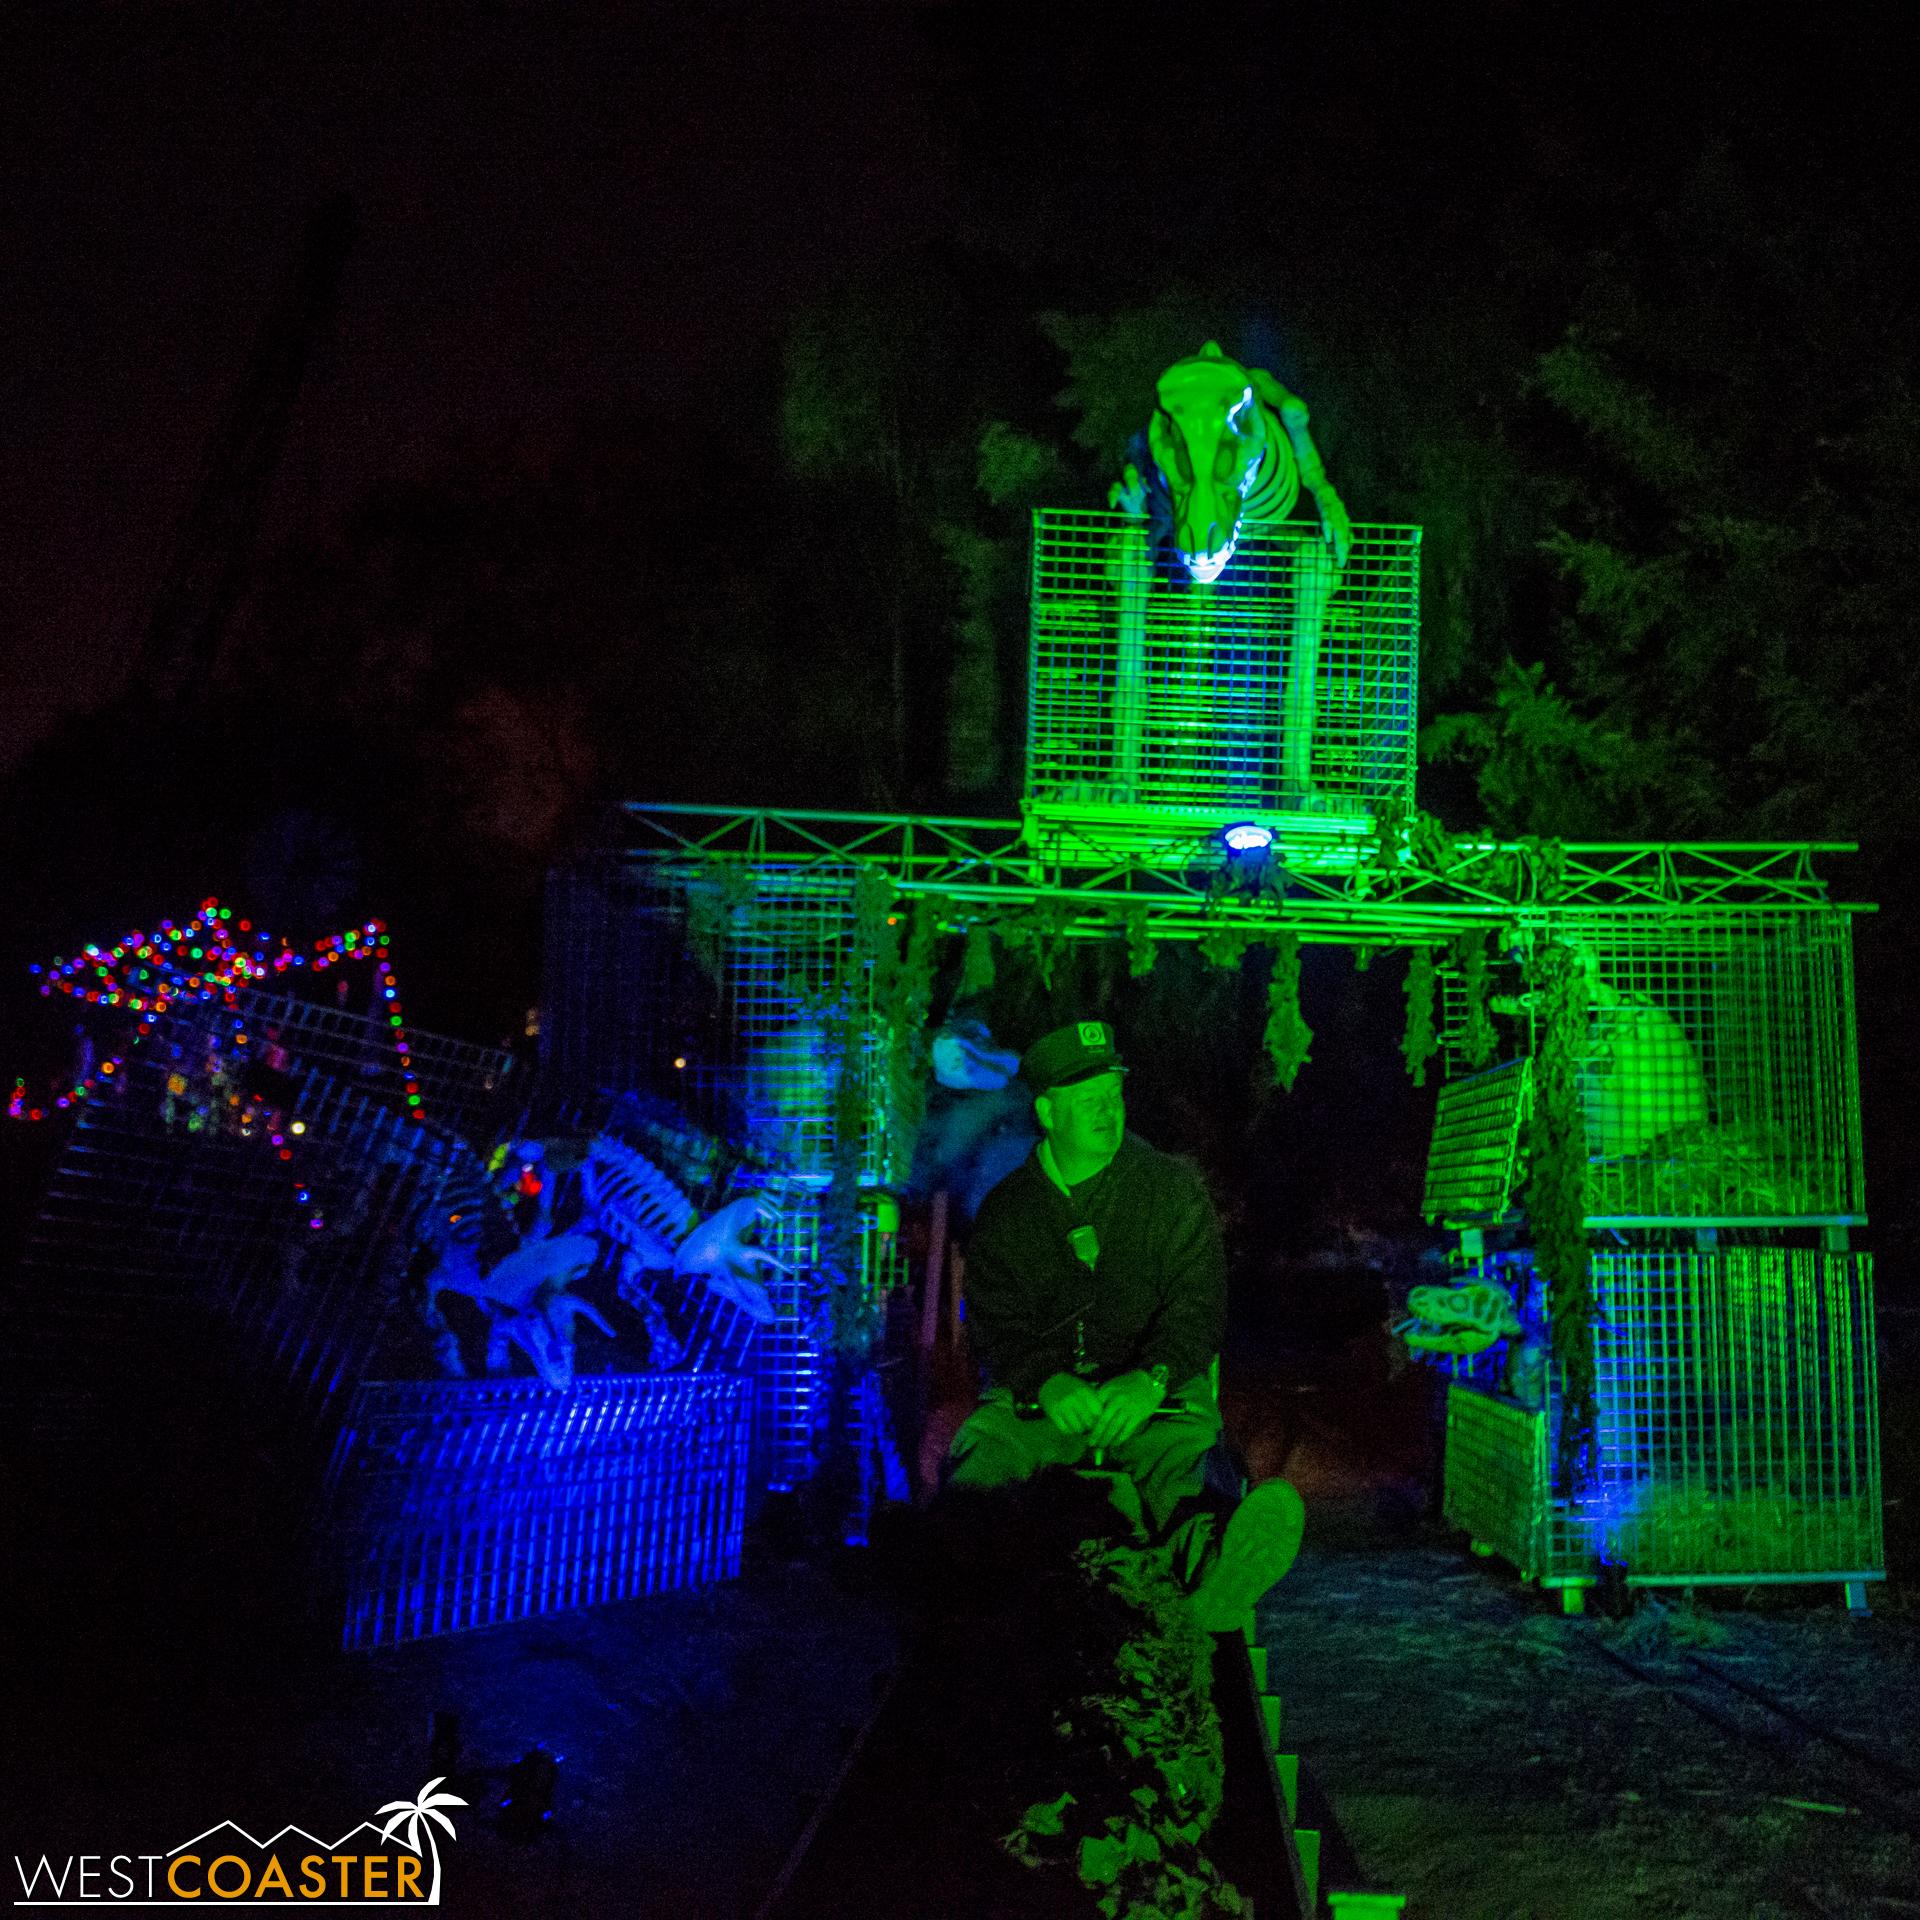 GhostTrain-17_1026-0050.jpg